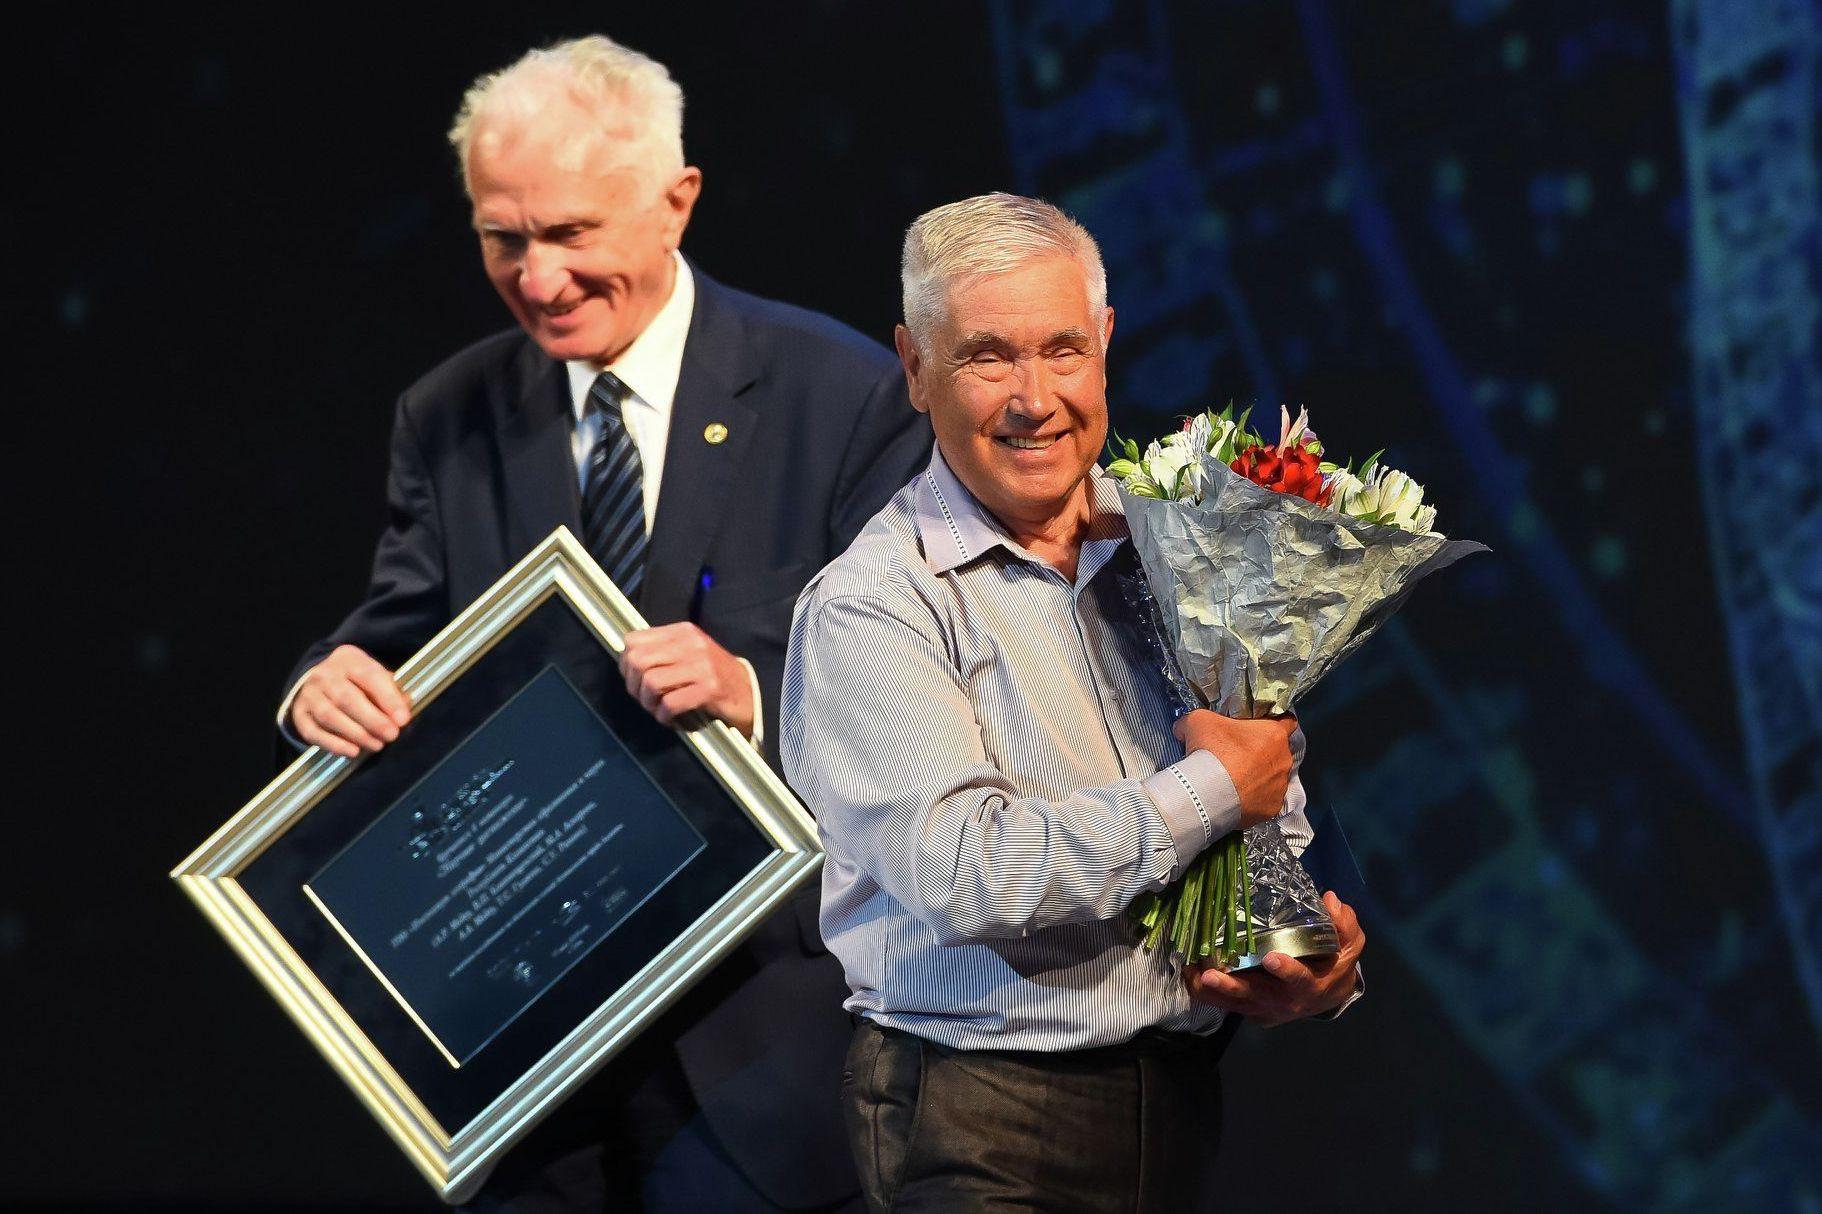 Академик Владимир Котляков вручает премию Хрустальный компас Виктору Благовещенскому